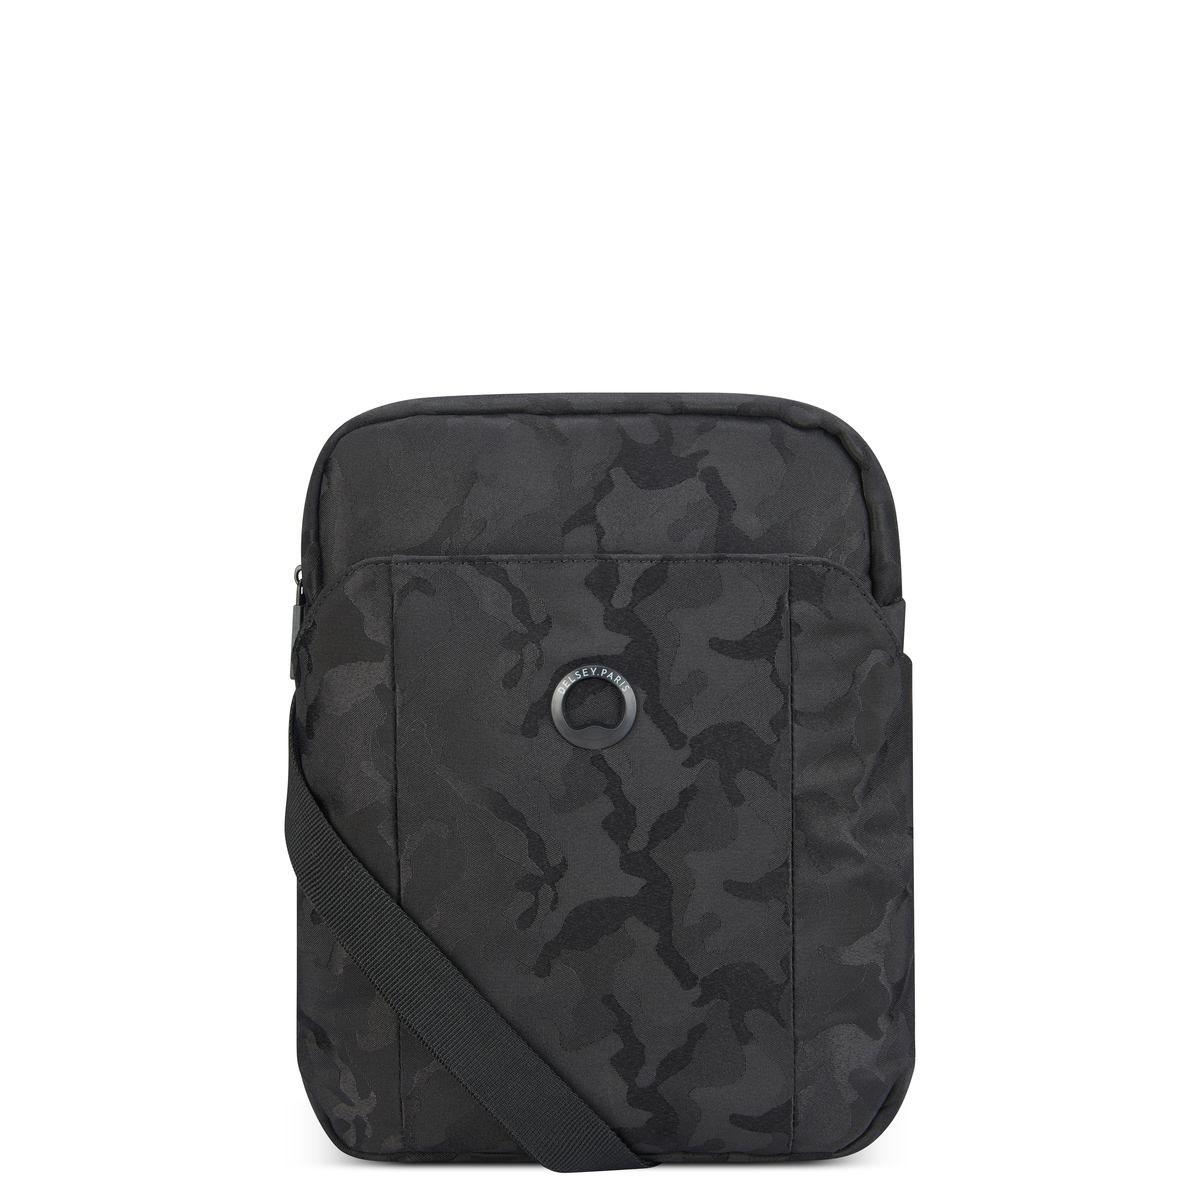 Delsey Ανδρικό τσαντάκι ώμου κάθετο 22x28x5.5cm tablet 9.7'' σειρά Picpus Black Camouflage